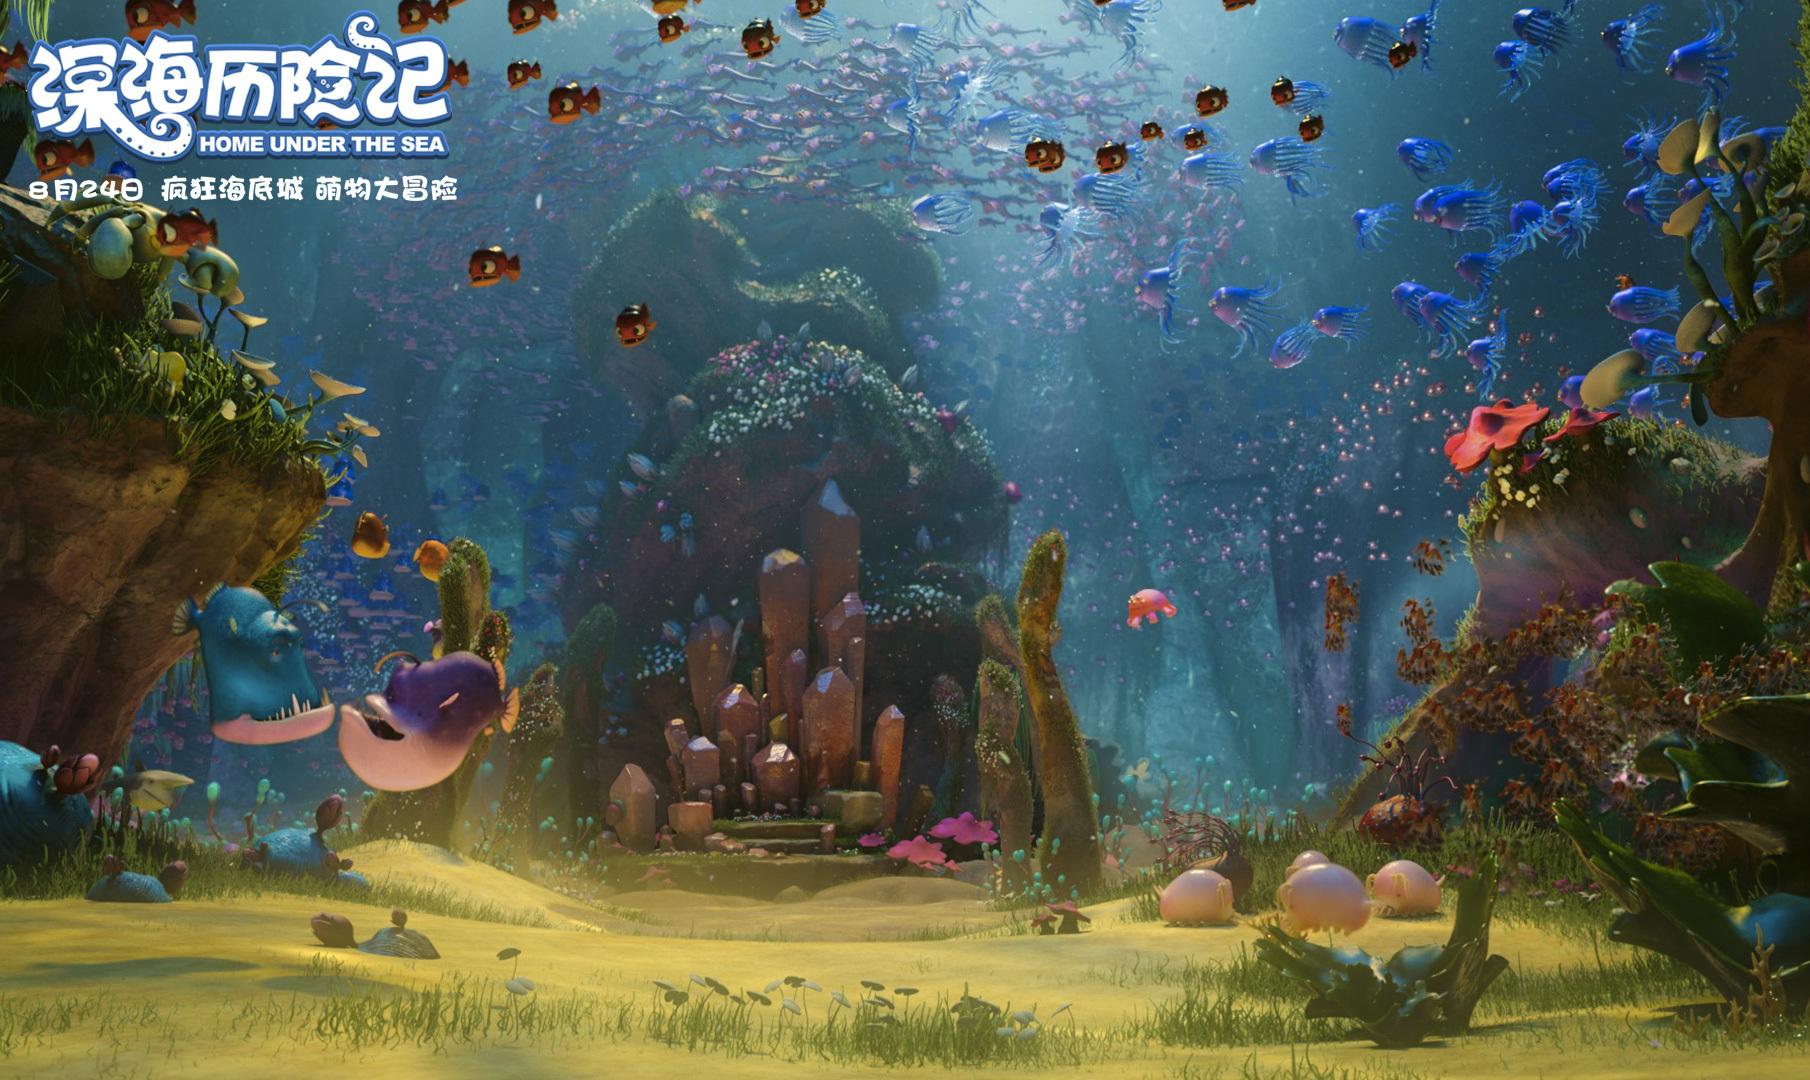 《深海历险记》发布场景剧照 国际级水准构建海底奇观